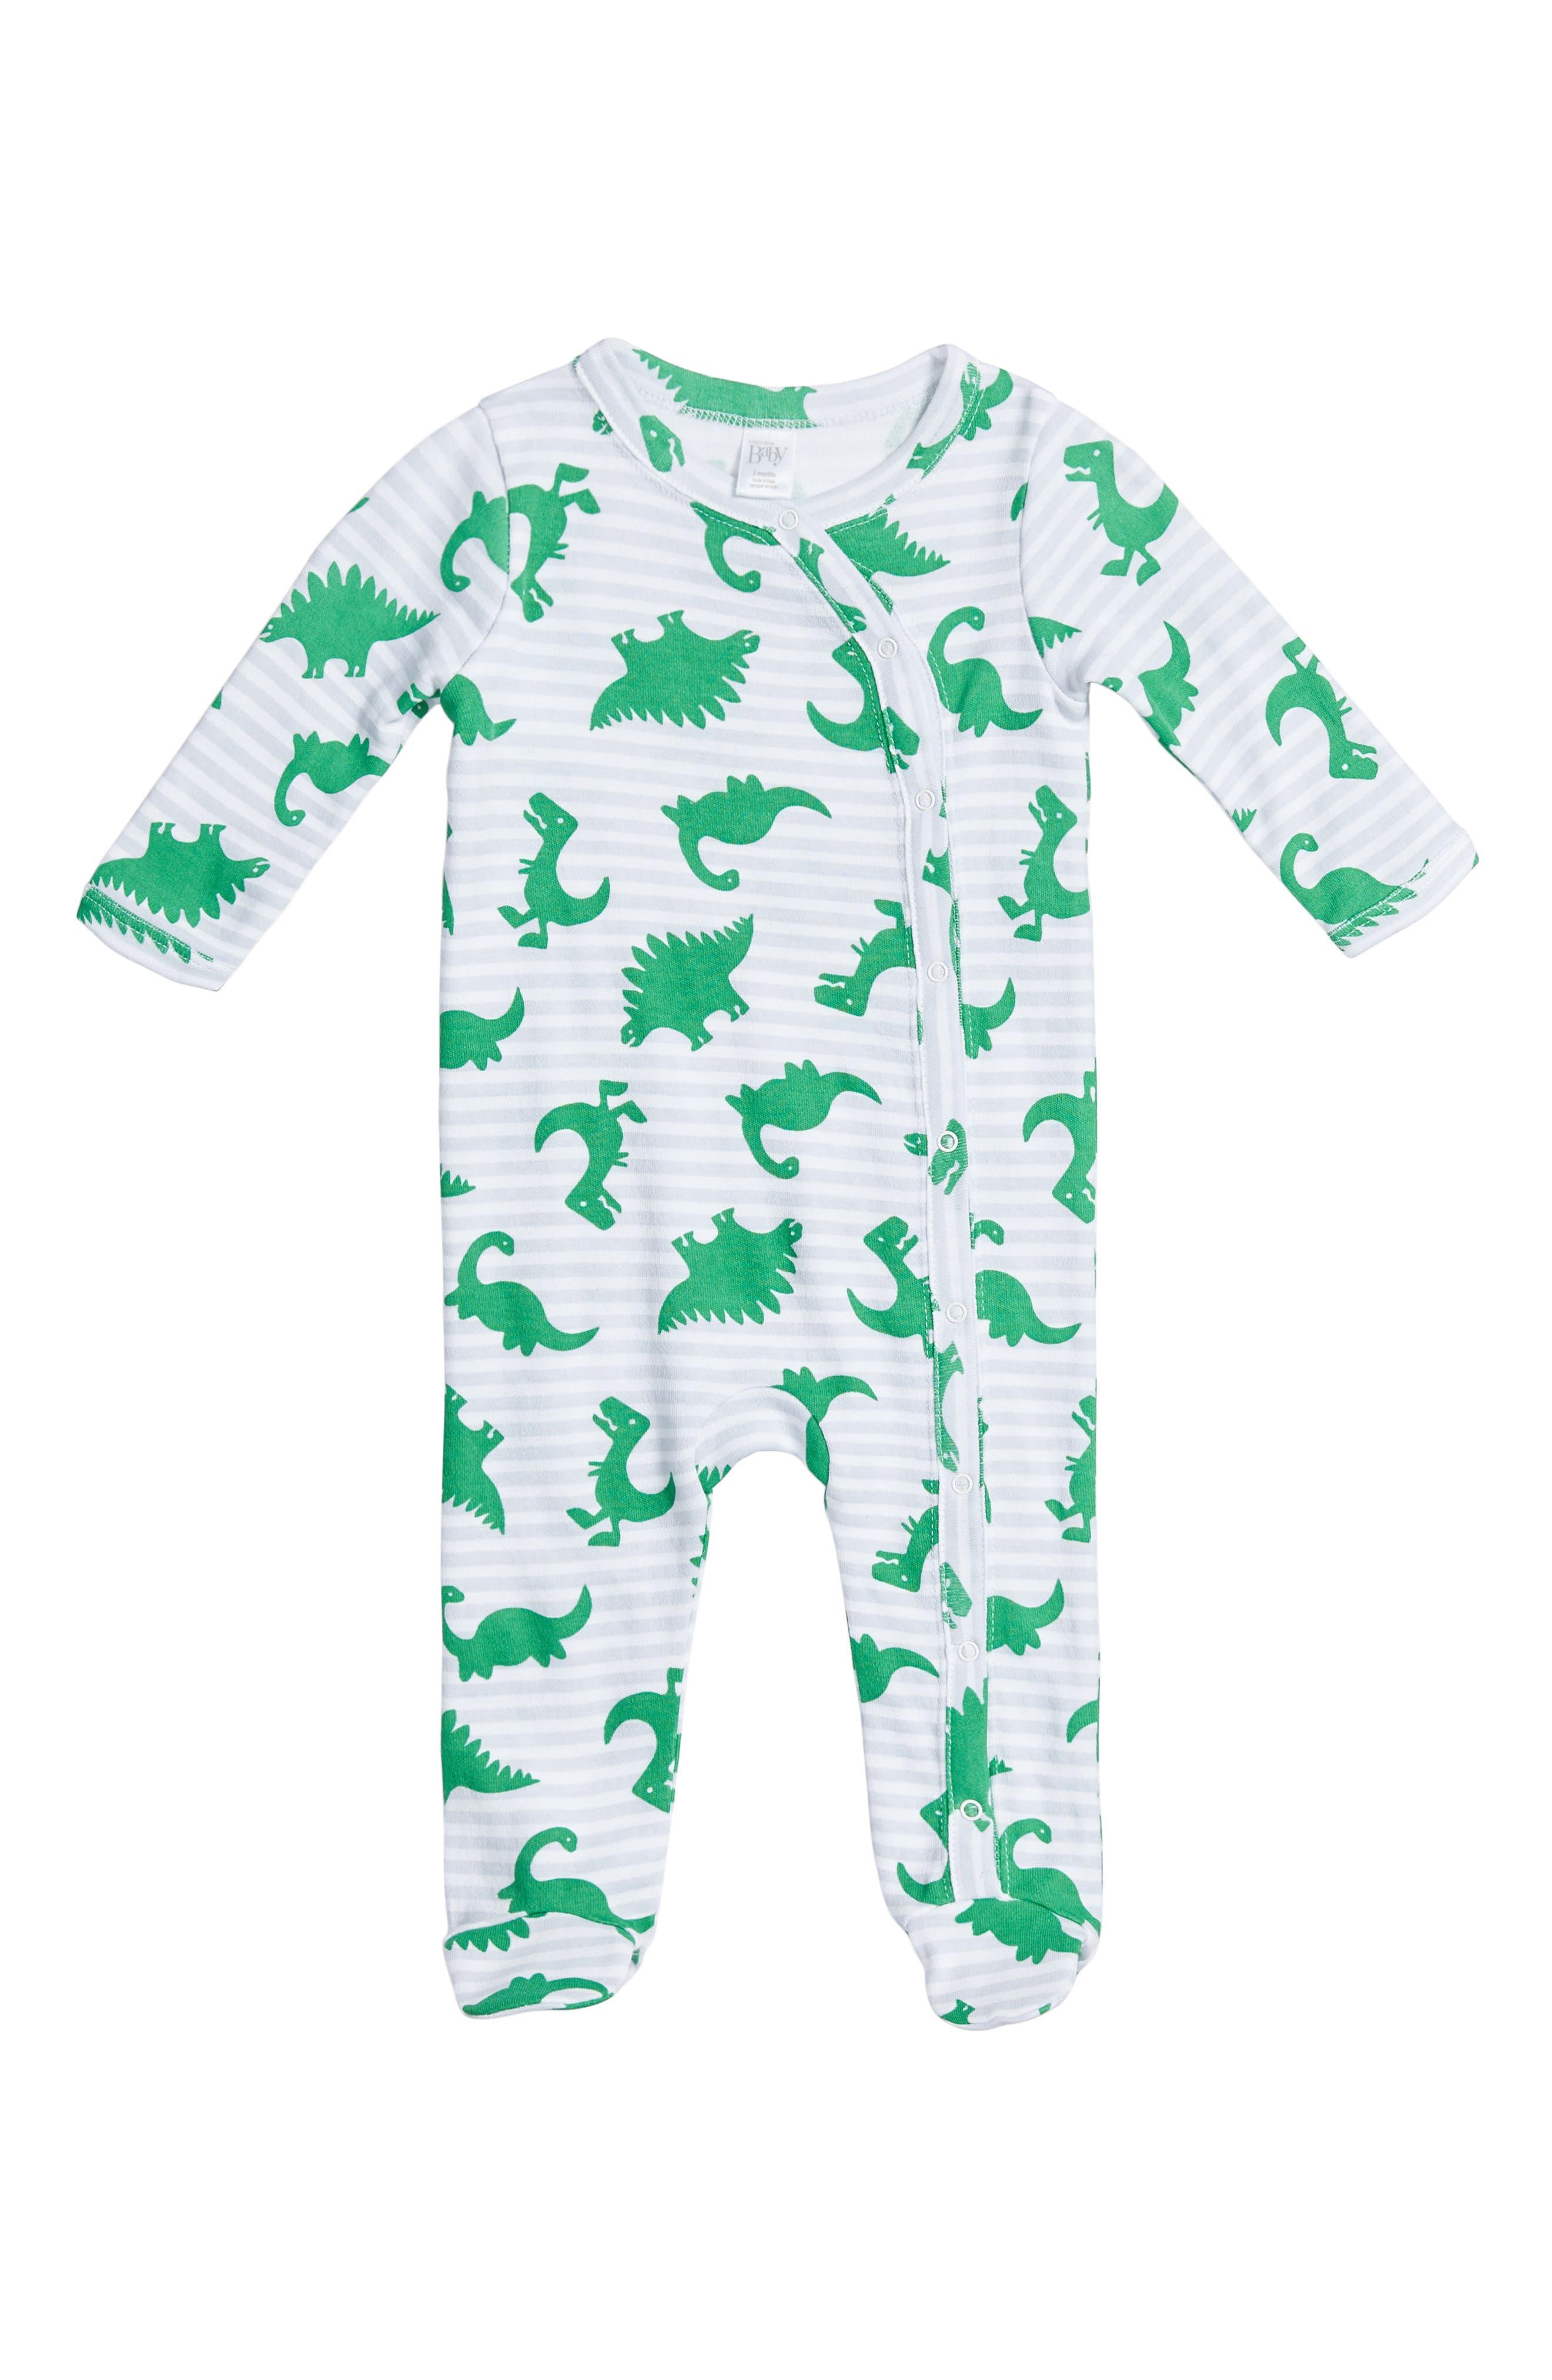 Alternate Image 1 Selected - Nordstrom Baby Print Footie (Baby)